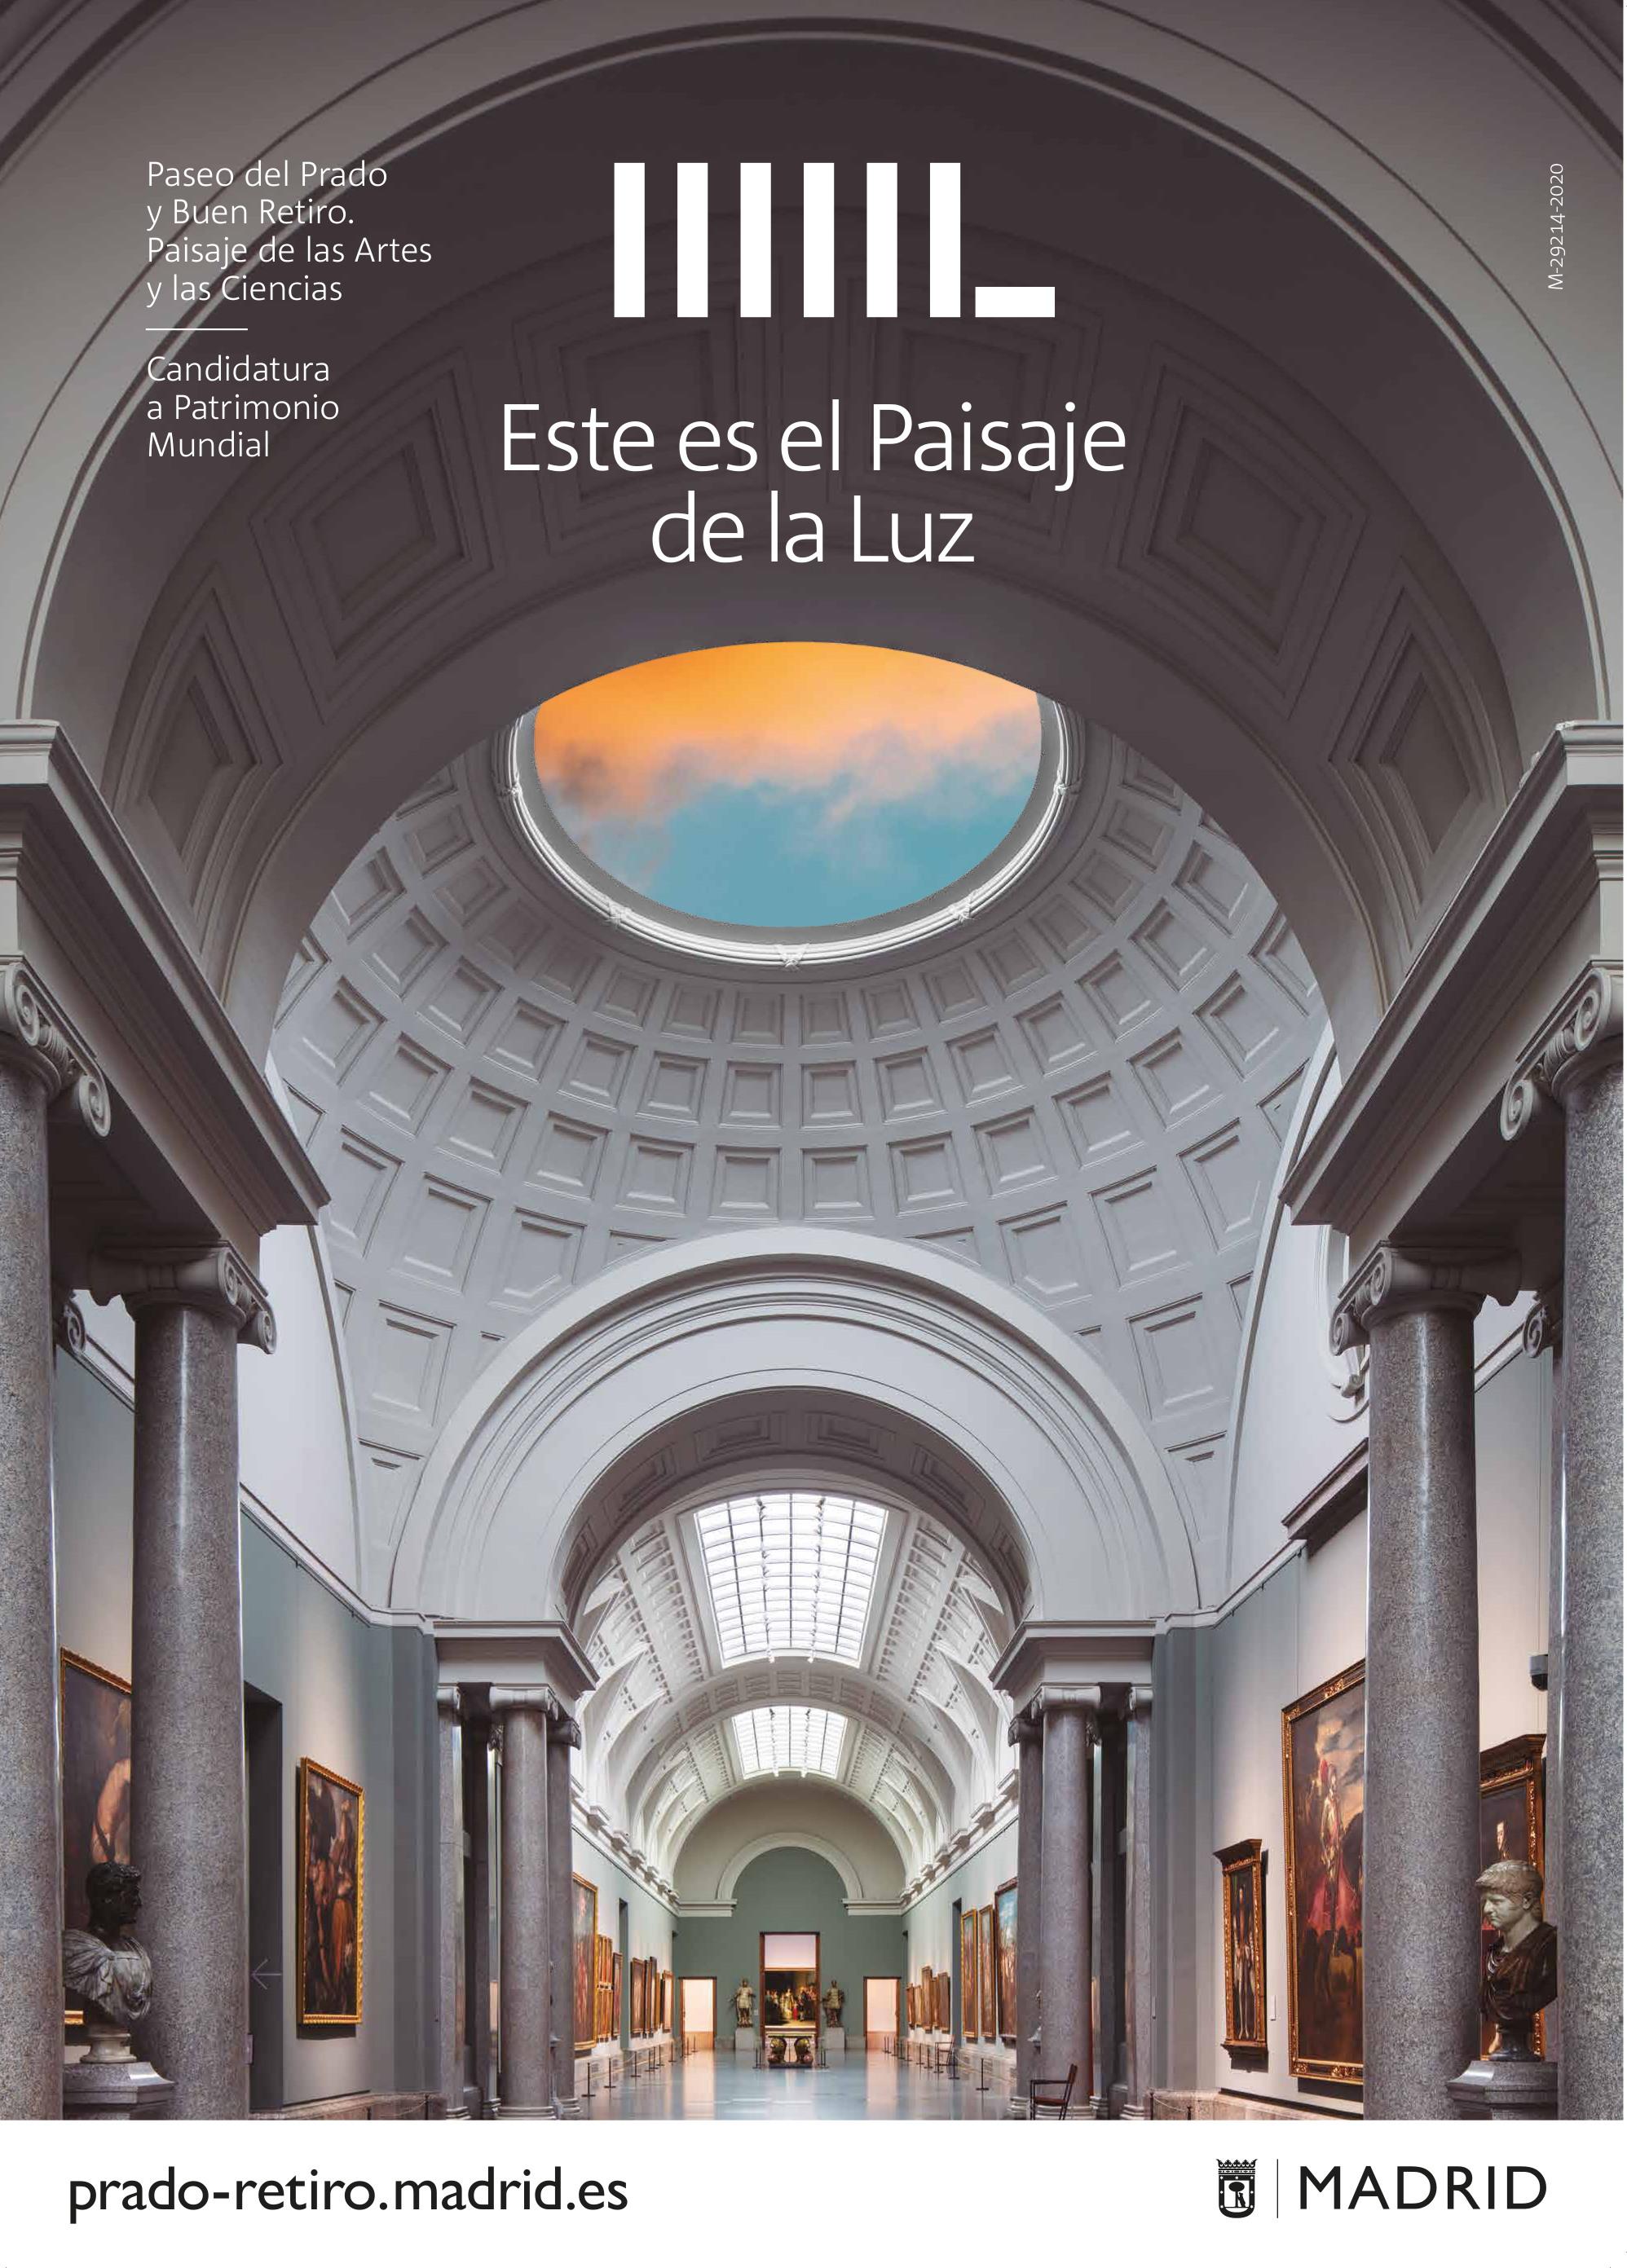 Madrid presenta su candidatura a Patrimonio Mundial de la UNESCO